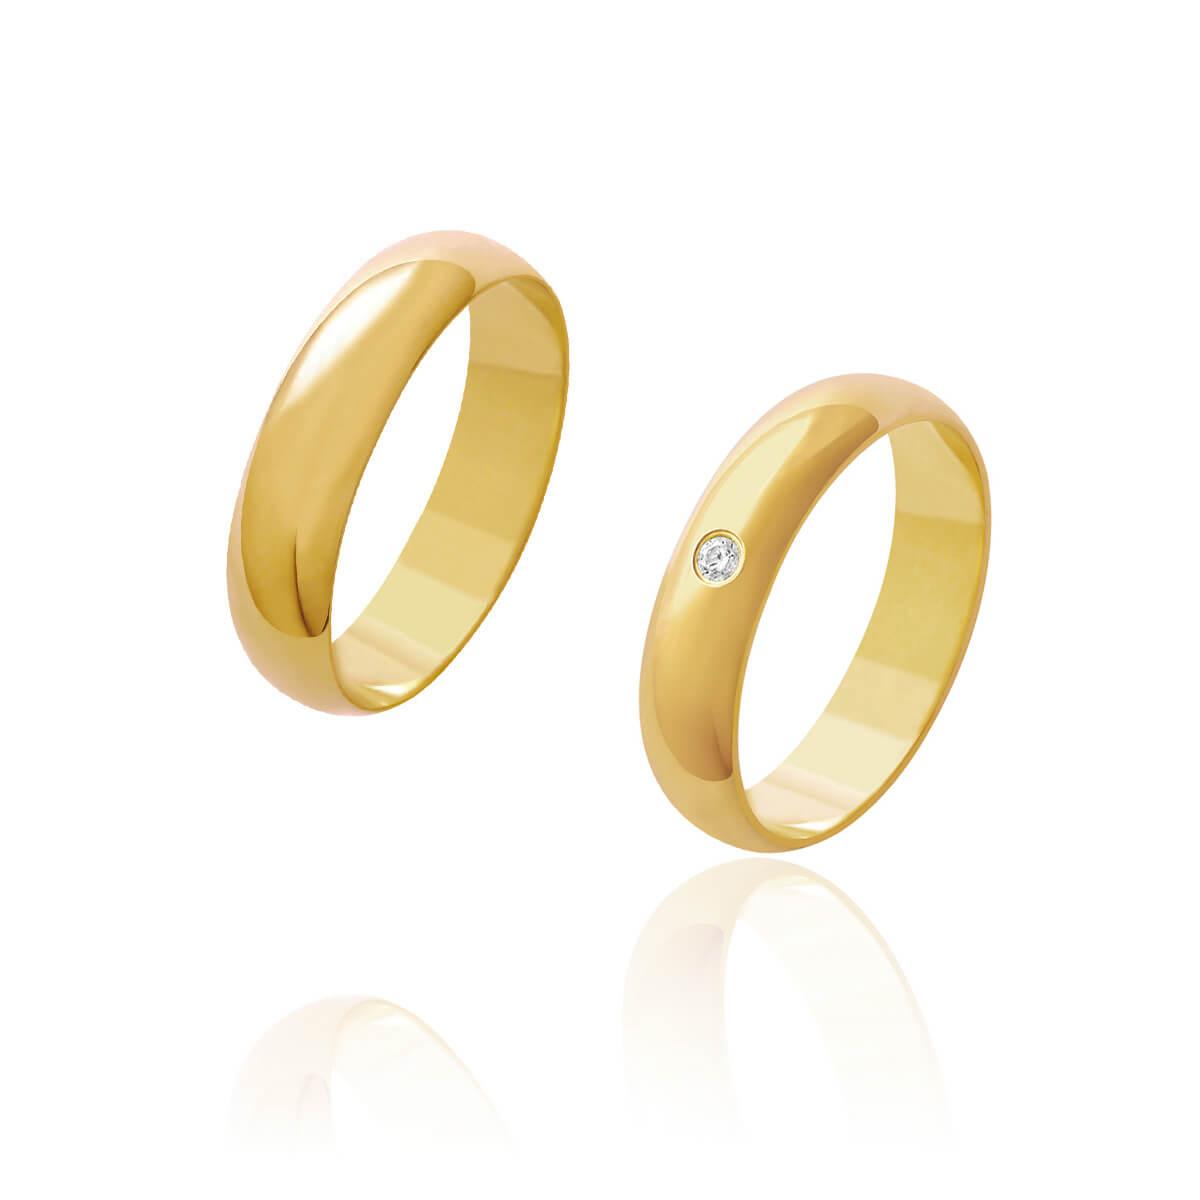 Par de Alianças de Casamento Diana Ouro Abaulada Lisa Brilhante 5mm 7g